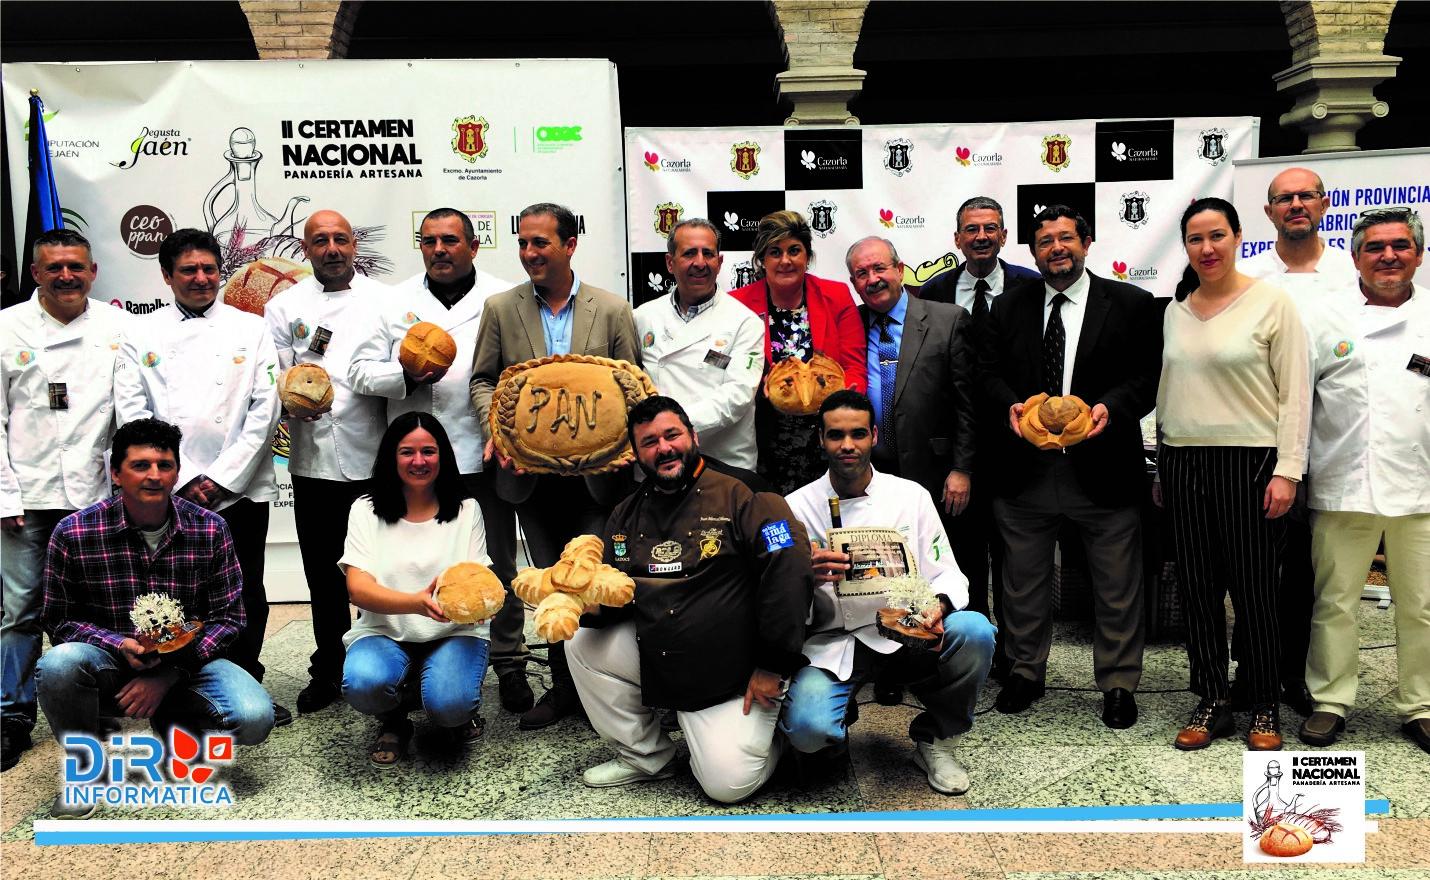 II Certamen Nacional de Panadería Artesana de Cazorla